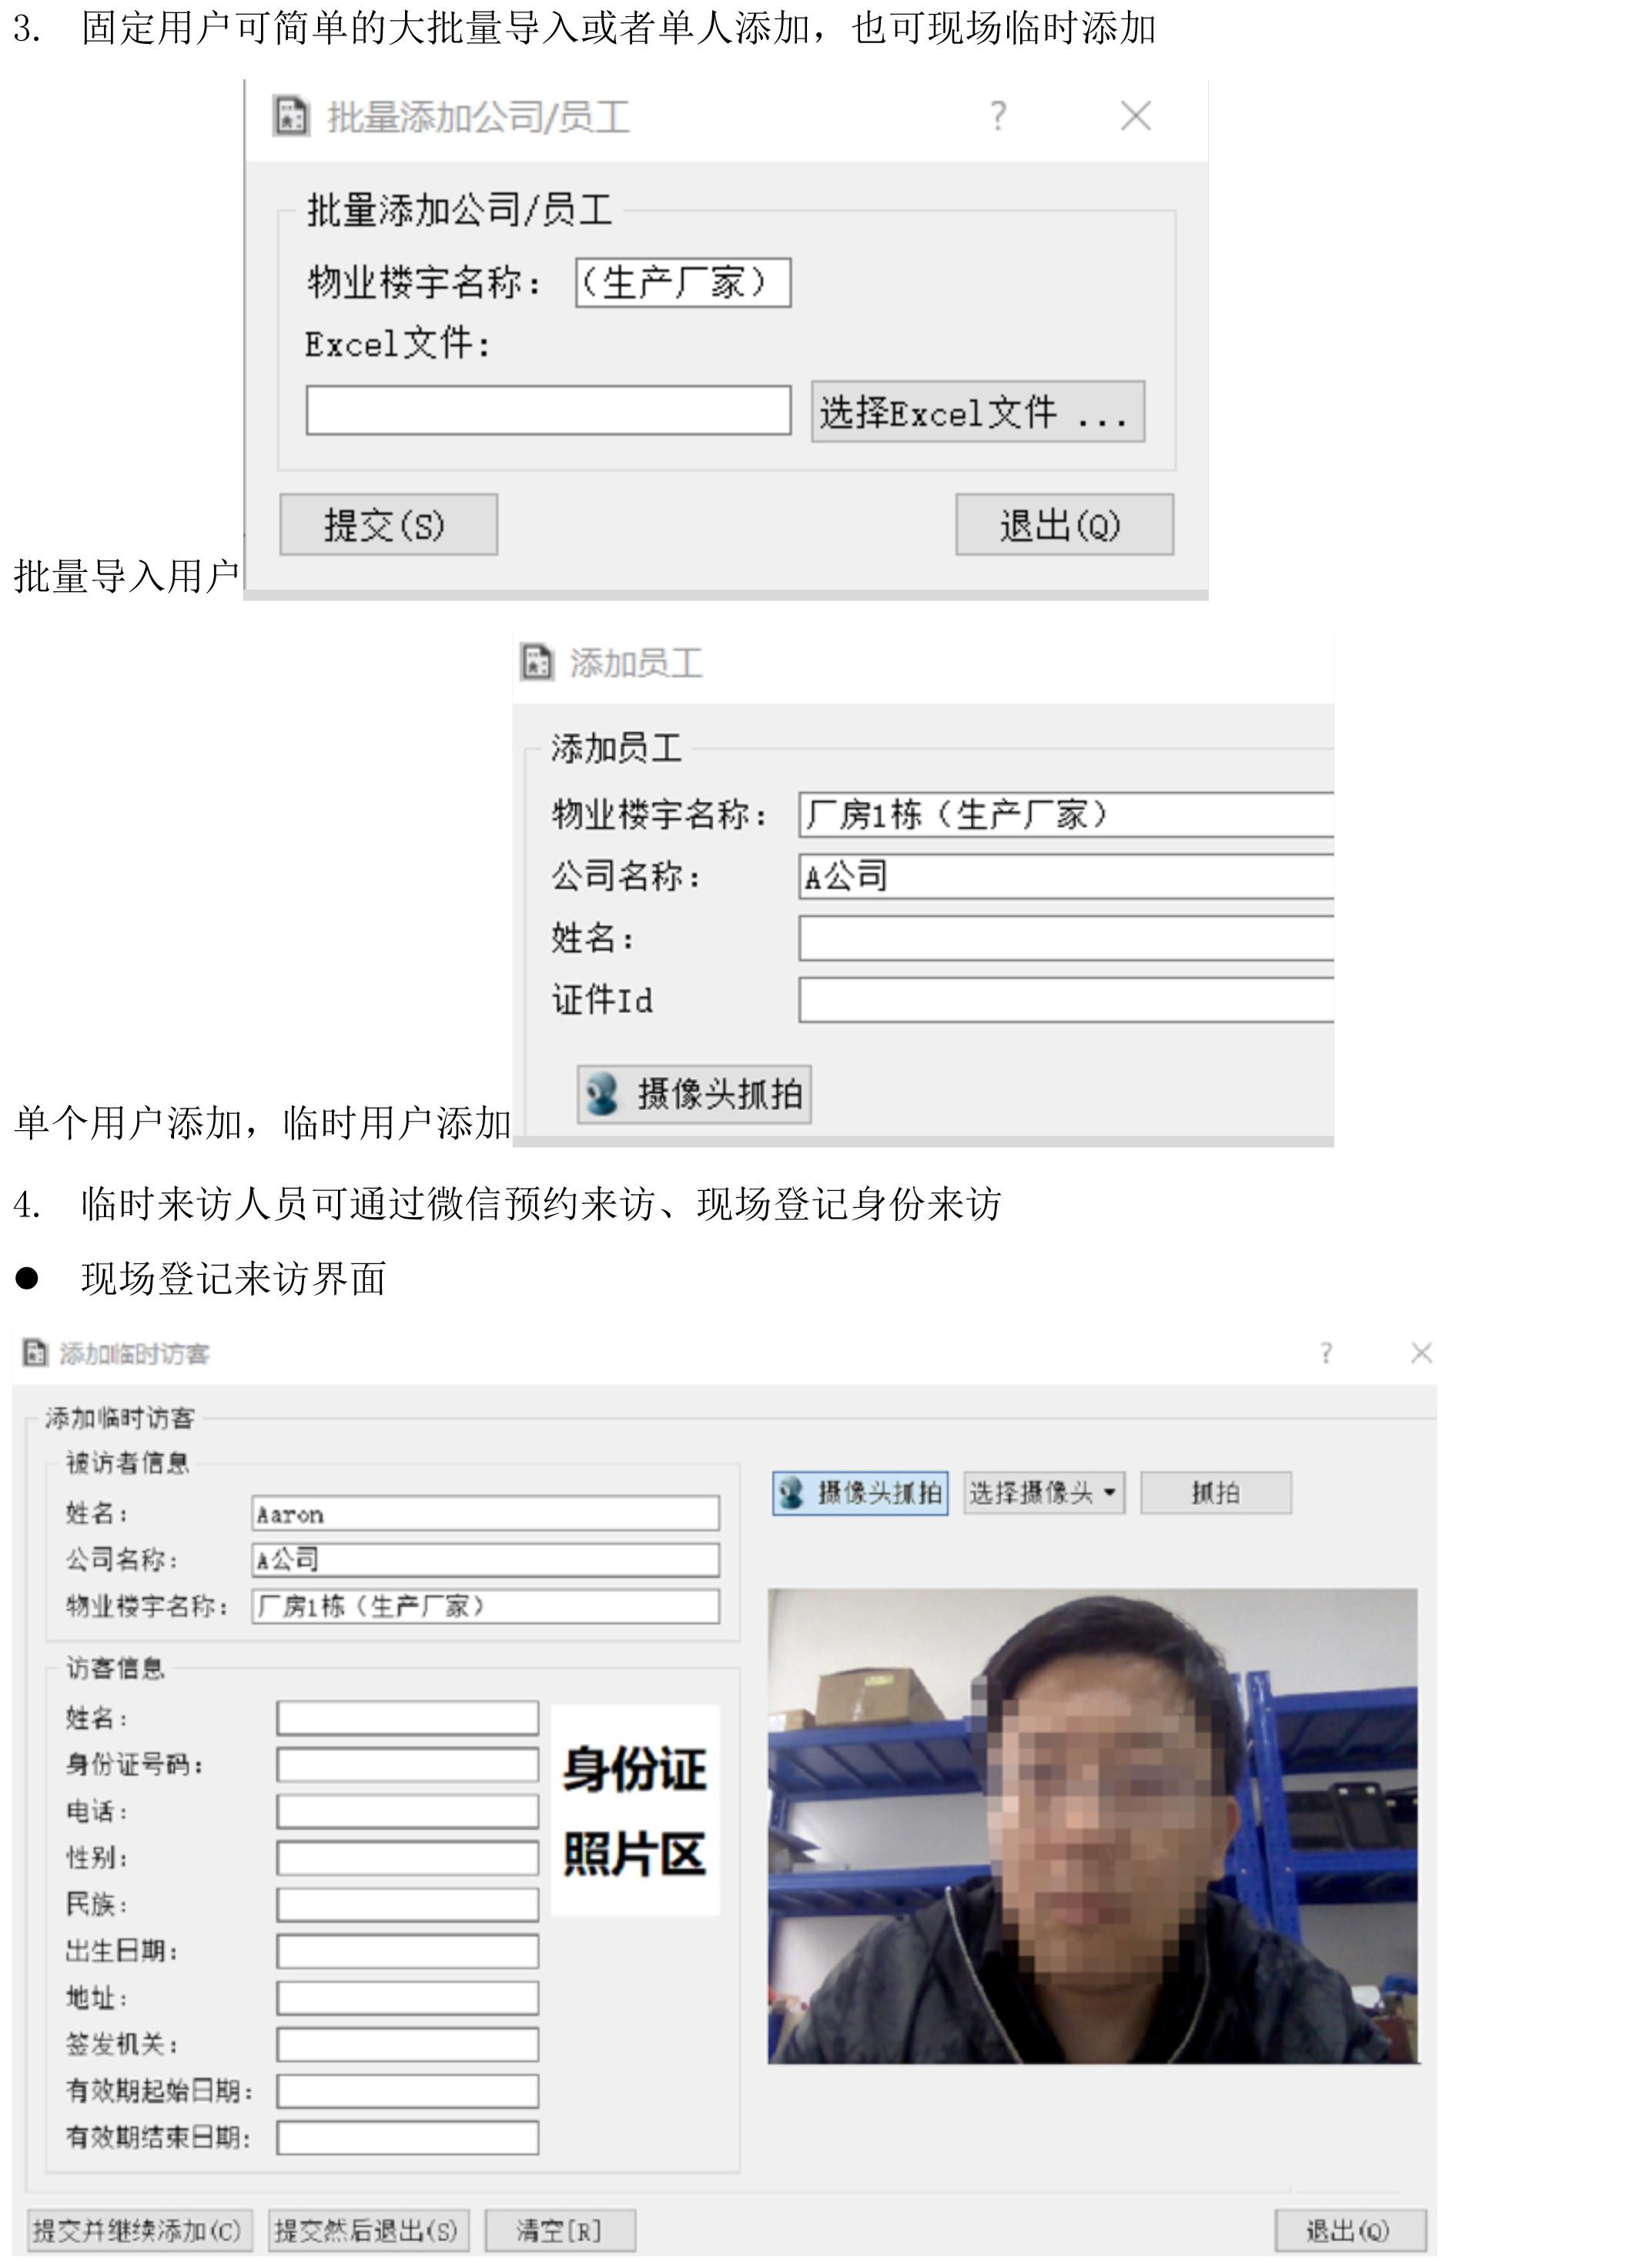 带访客功能的人脸识别系统-7